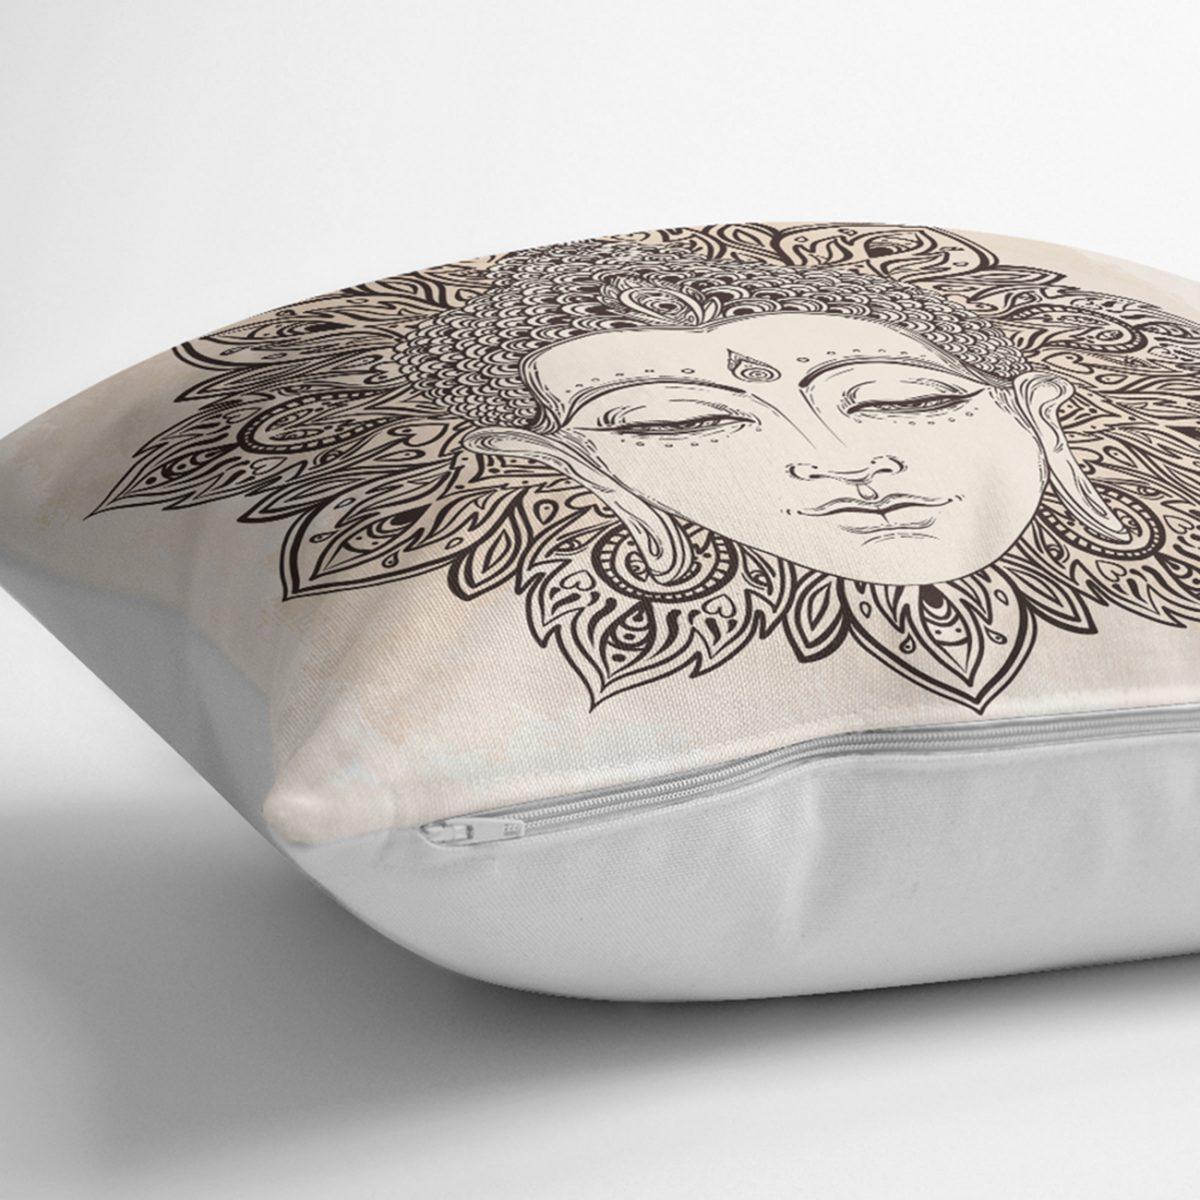 Realhomes Dijital Baskılı Özel Tasarım Dekoratif Modern Kırlent Kılıfı Realhomes